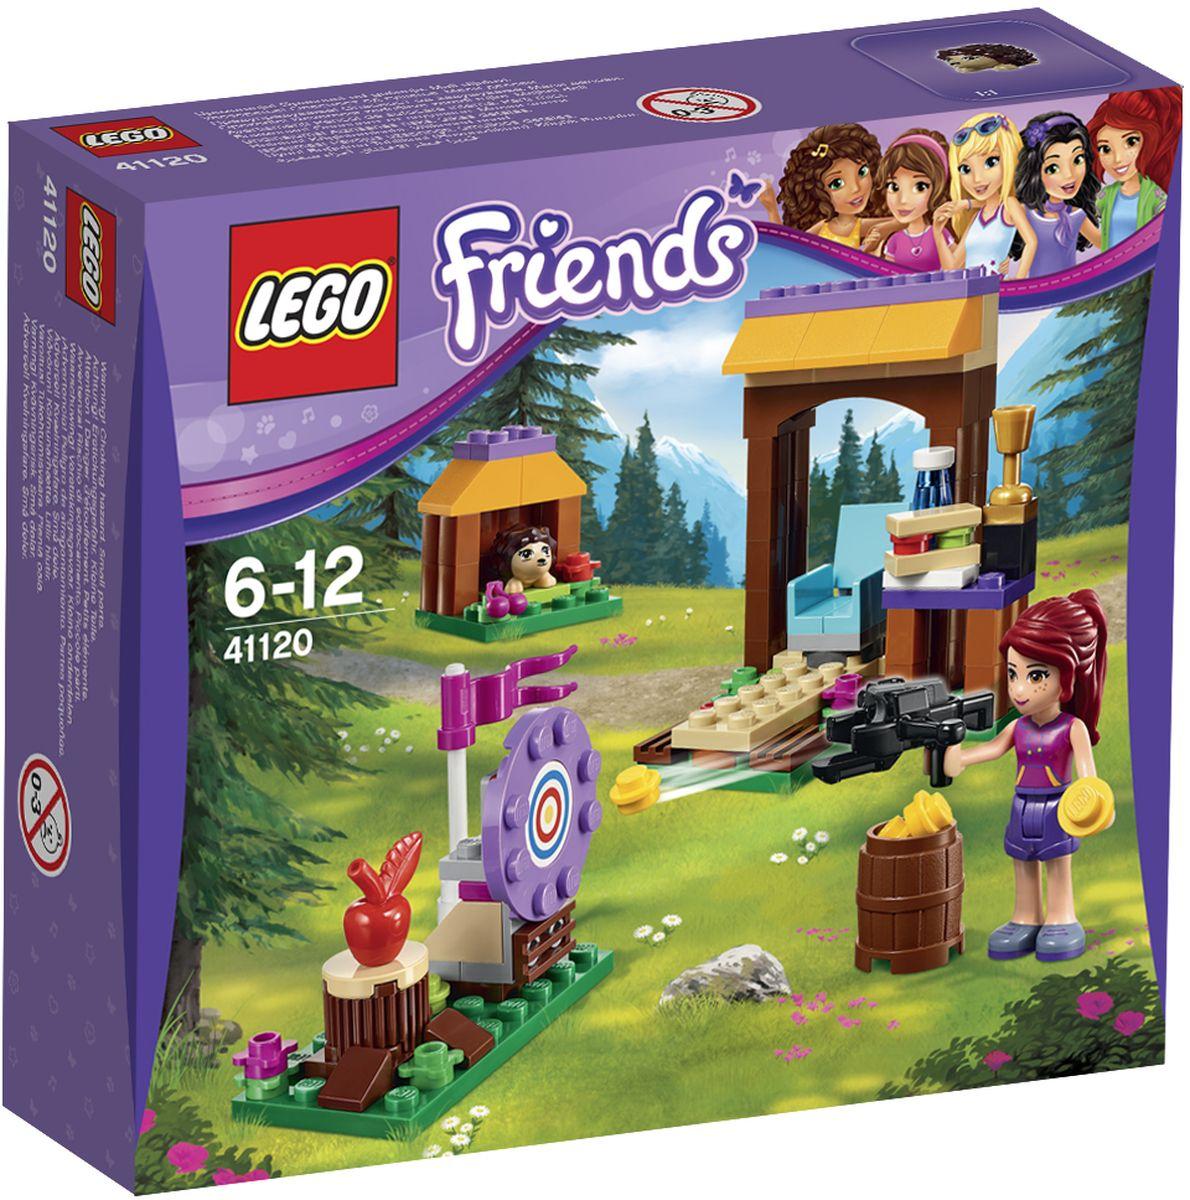 LEGO Friends Конструктор Спортивный лагерь Стрельба из лука 4112041120Миа хочет получить приз за стрельбу из лука, поэтому выдвигайтесь на позицию, чтобы помочь ей отточить свое мастерство. Продолжайте тренироваться, пока она не будет раз за разом попадать в цель! Перекусите бутербродом в шатре-столовой и насладитесь прогулкой по лесу - смотрите, вот на тропинку выбежал маленький ежик! Затем приготовьте лук снова и цельтесь в яблочко. Миа готова выиграть приз? Набор включает в себя 114 разноцветных пластиковых элементов. Конструктор - это один из самых увлекательнейших и веселых способов времяпрепровождения. Ребенок сможет часами играть с конструктором, придумывая различные ситуации и истории.